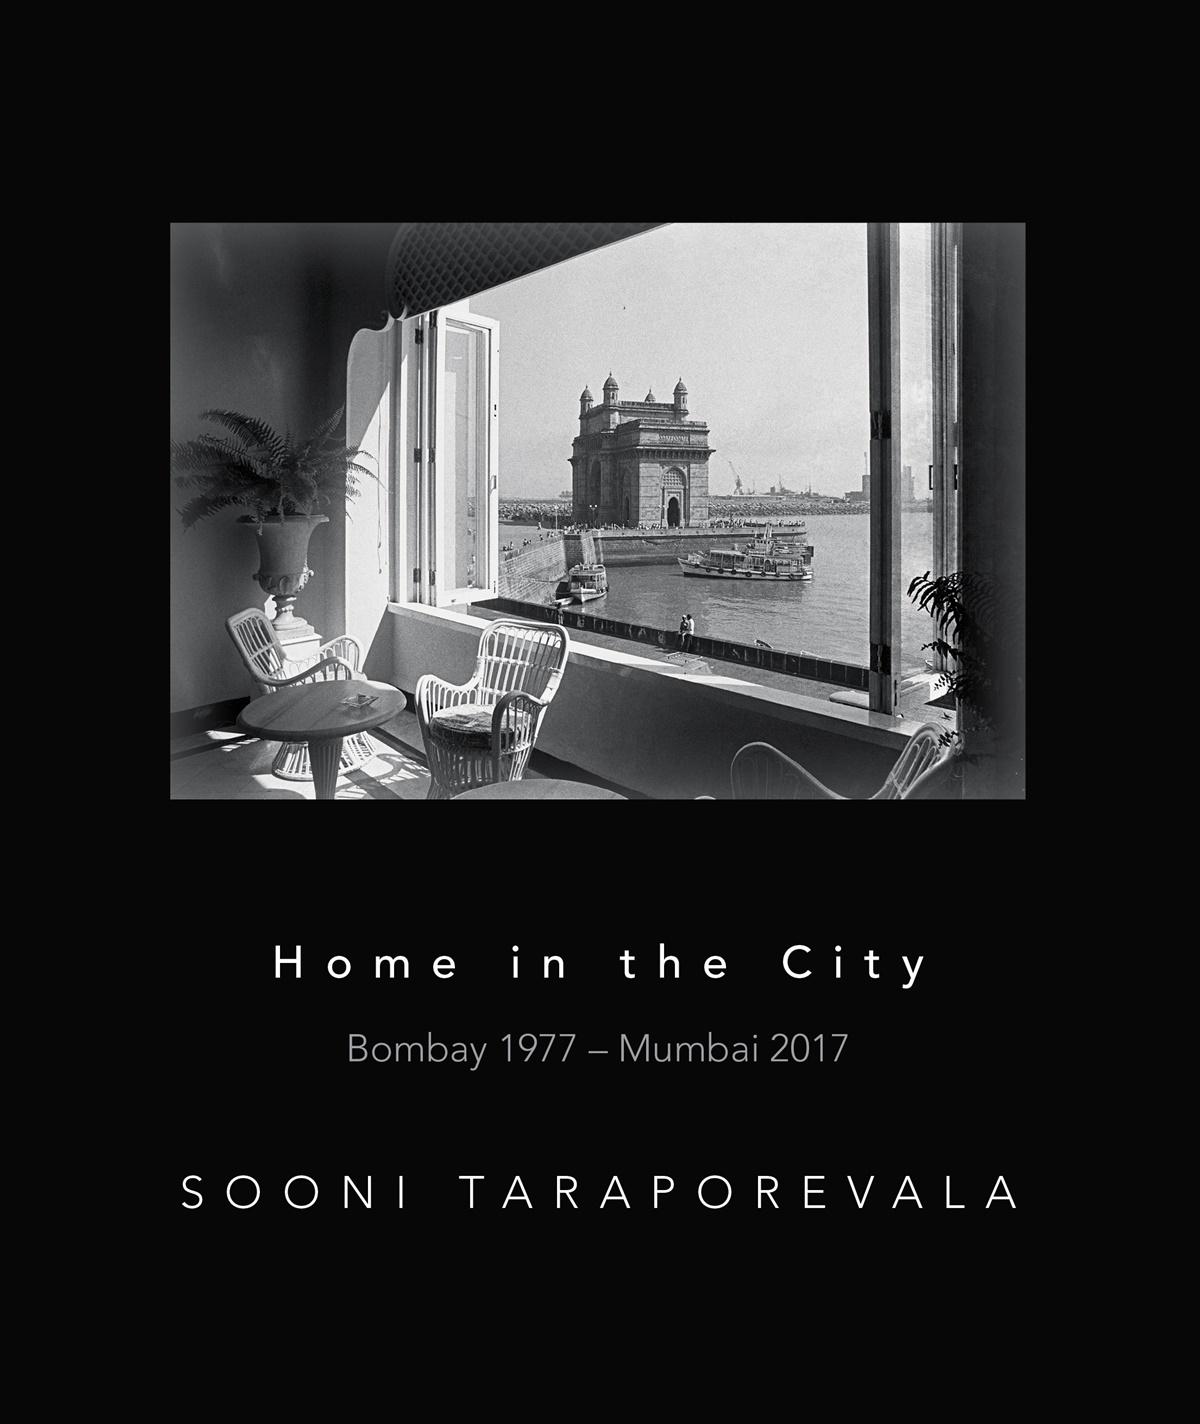 Home in the City: Bombay 1977 - Mumbai 2017